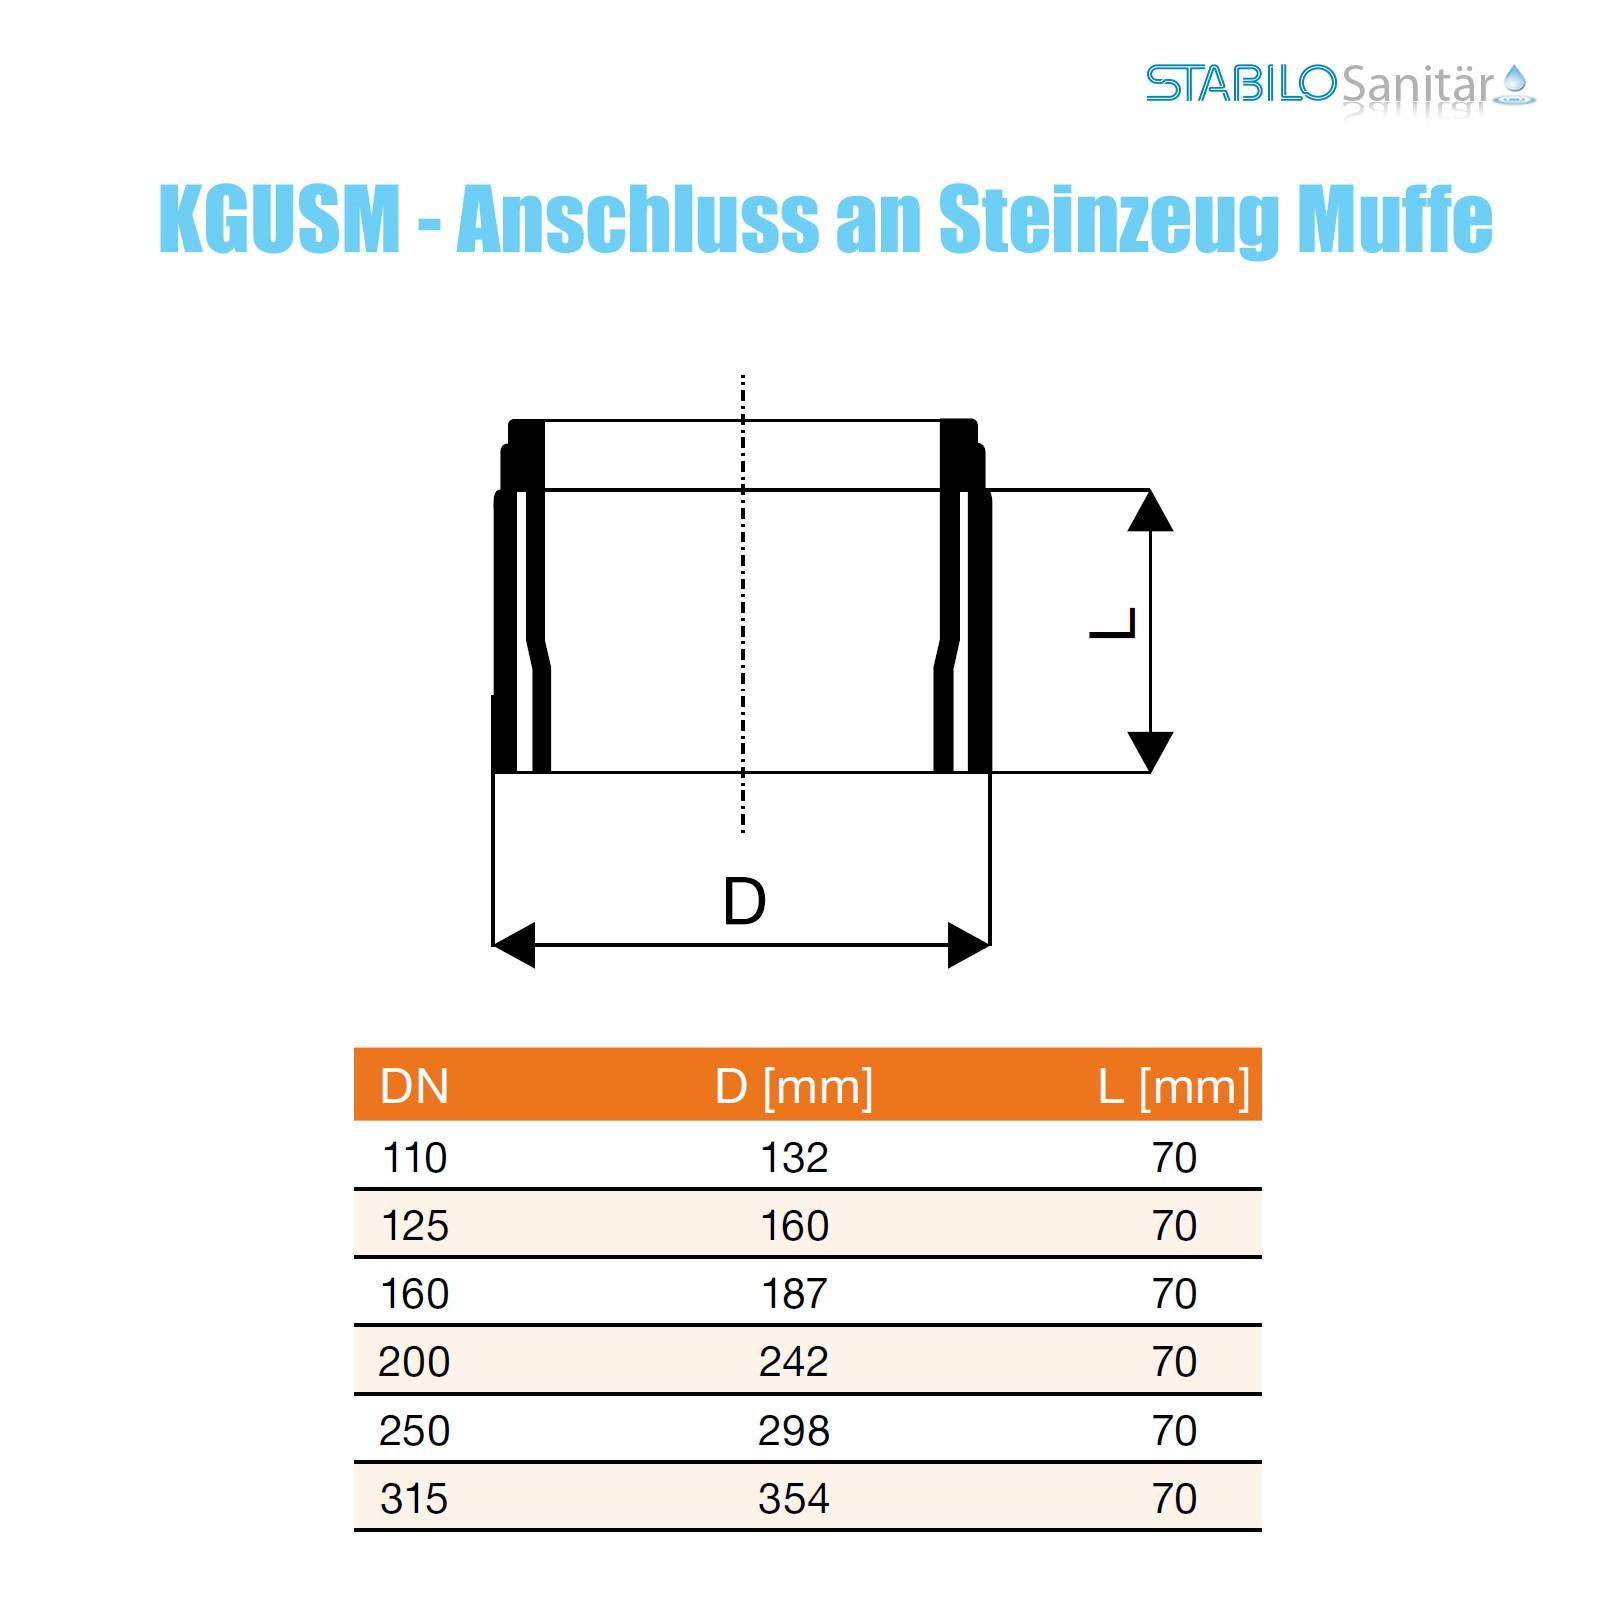 kg anschluss steinzeugrohr muffe dn 100 110 kgusm steinzeug muffe abwasserrohr ebay. Black Bedroom Furniture Sets. Home Design Ideas